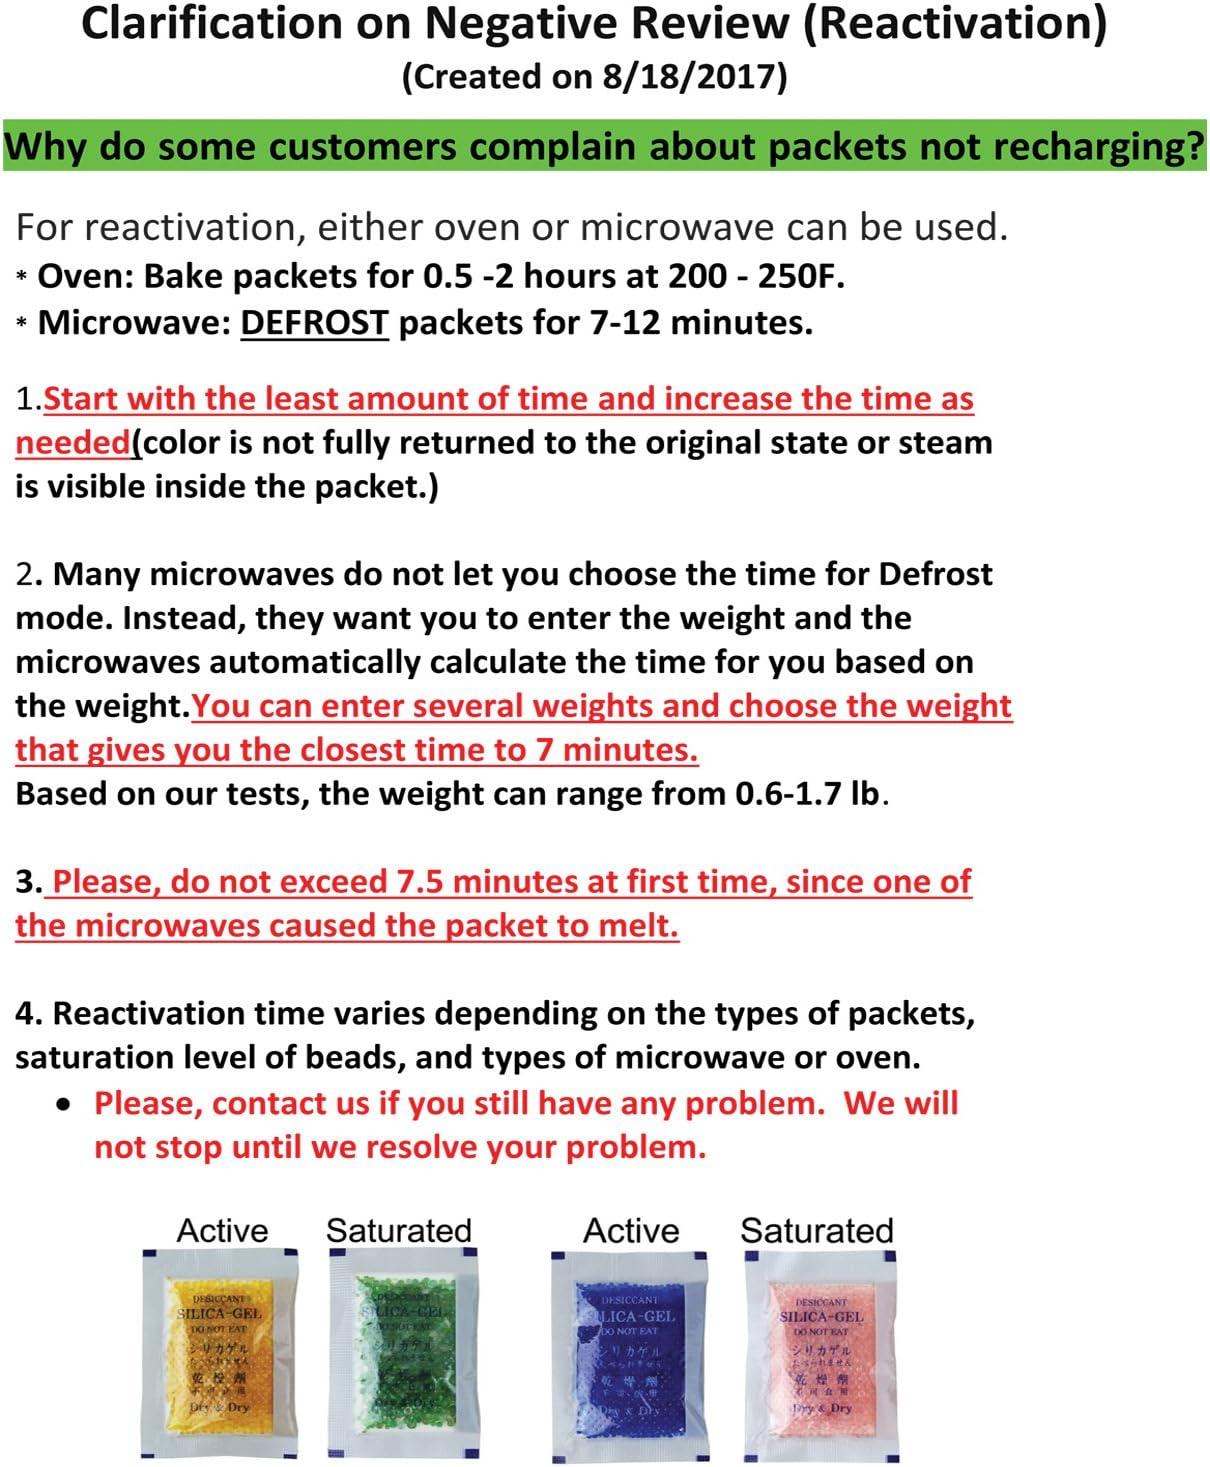 10 Gramm Silica Gel Trockenmittel Luftentfeuchter 2 1//4 x 3 1//4 25 Packungen